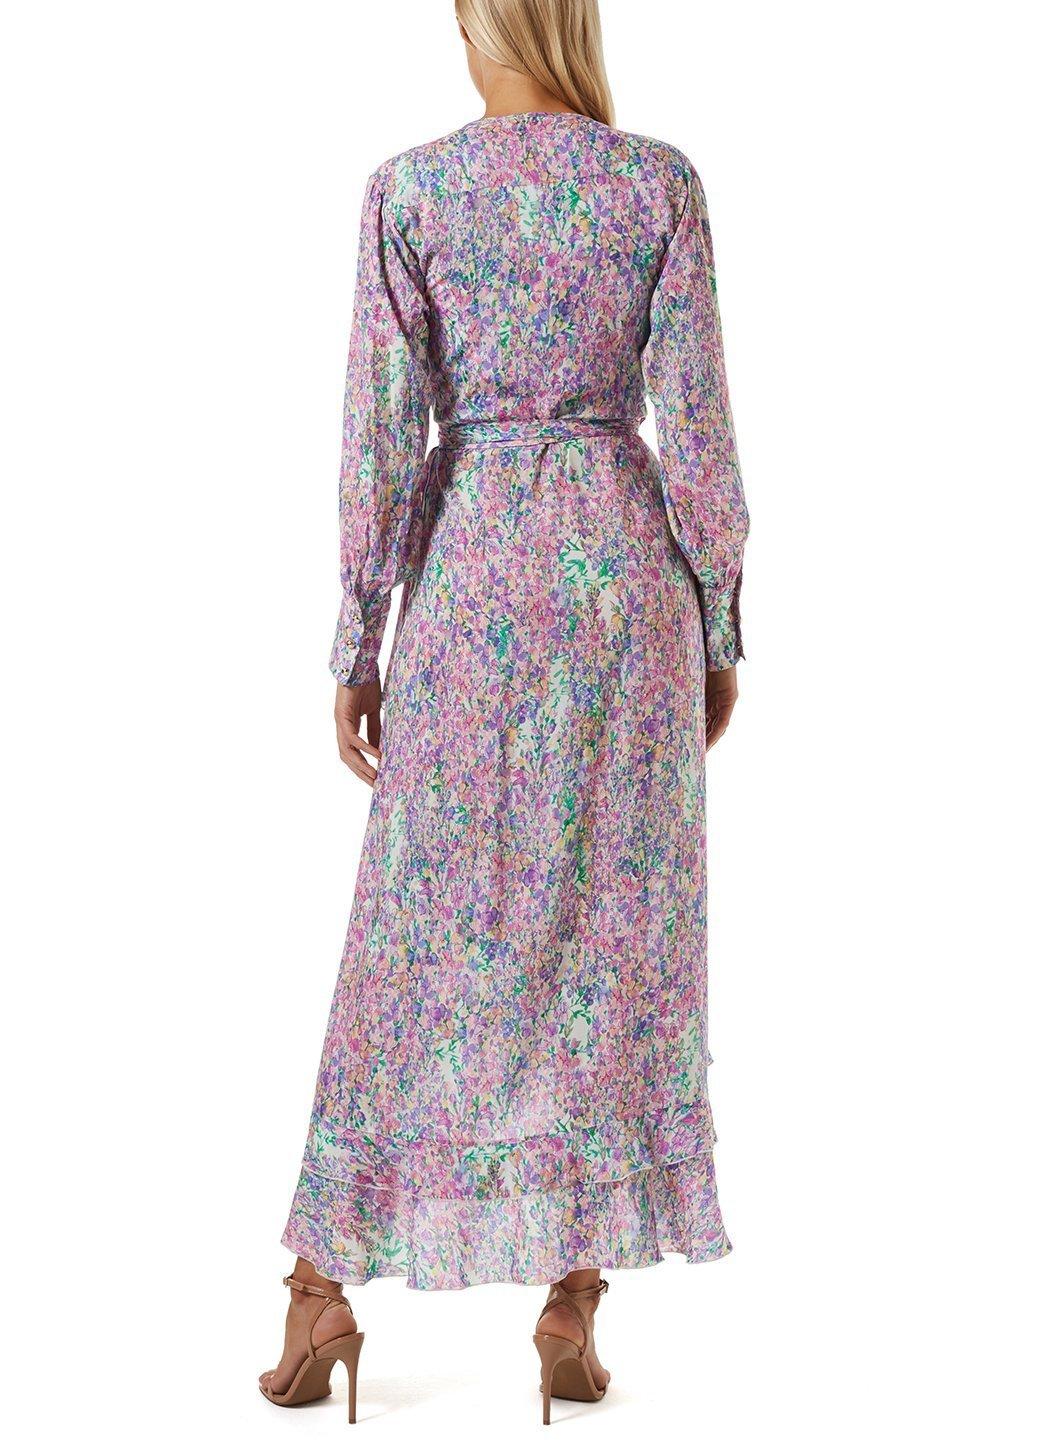 Macaw_Bouquet_Dress_B_1056x.progressive-2